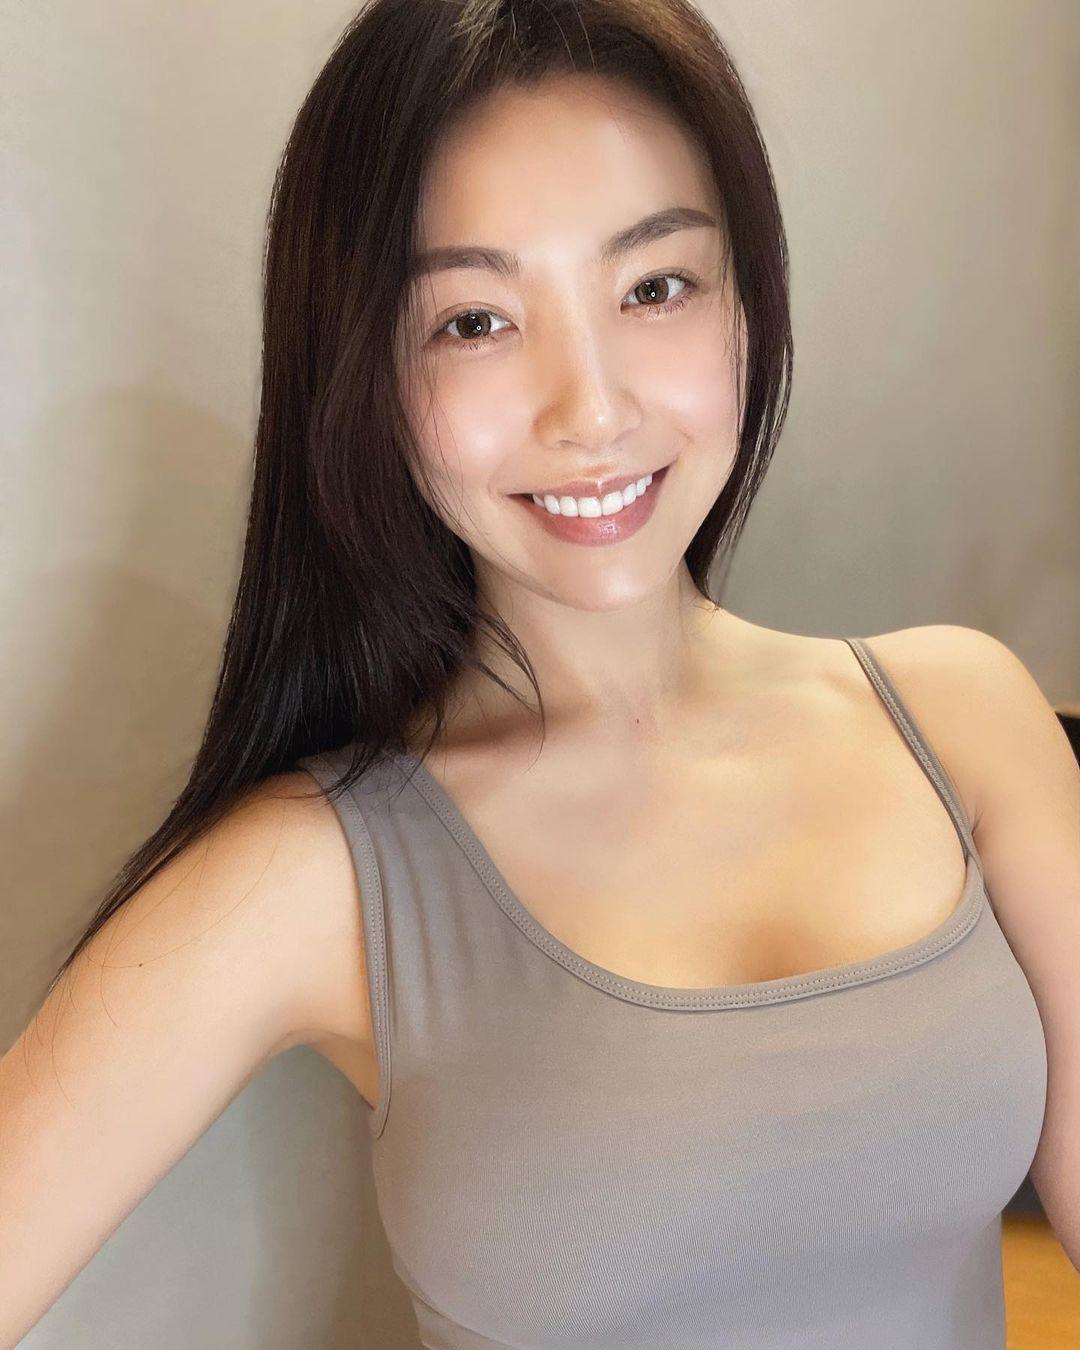 选美比赛常胜军.171 cm 韩国小姐Sewhee 清新气质+E身材让人恋爱 网络美女 第4张